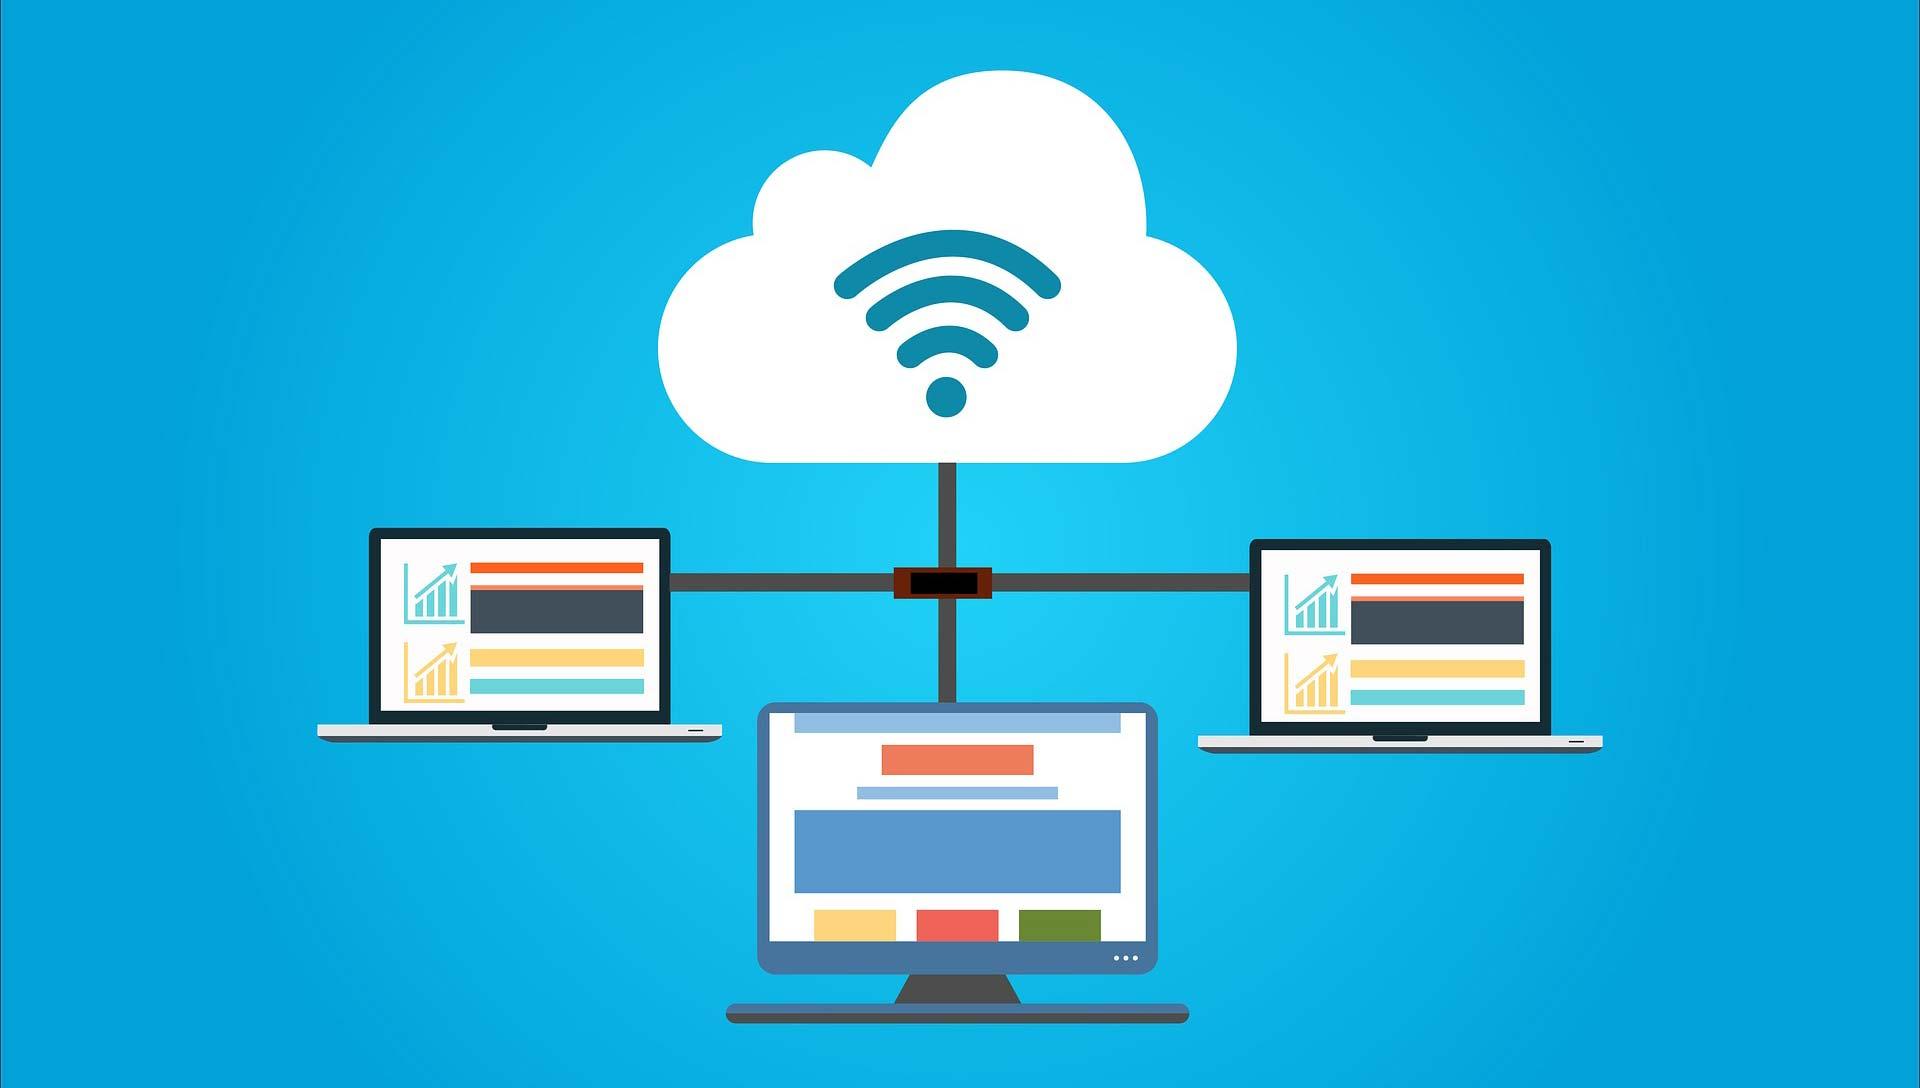 Le reti informatiche: quali sono gli aspetti per il cloud?